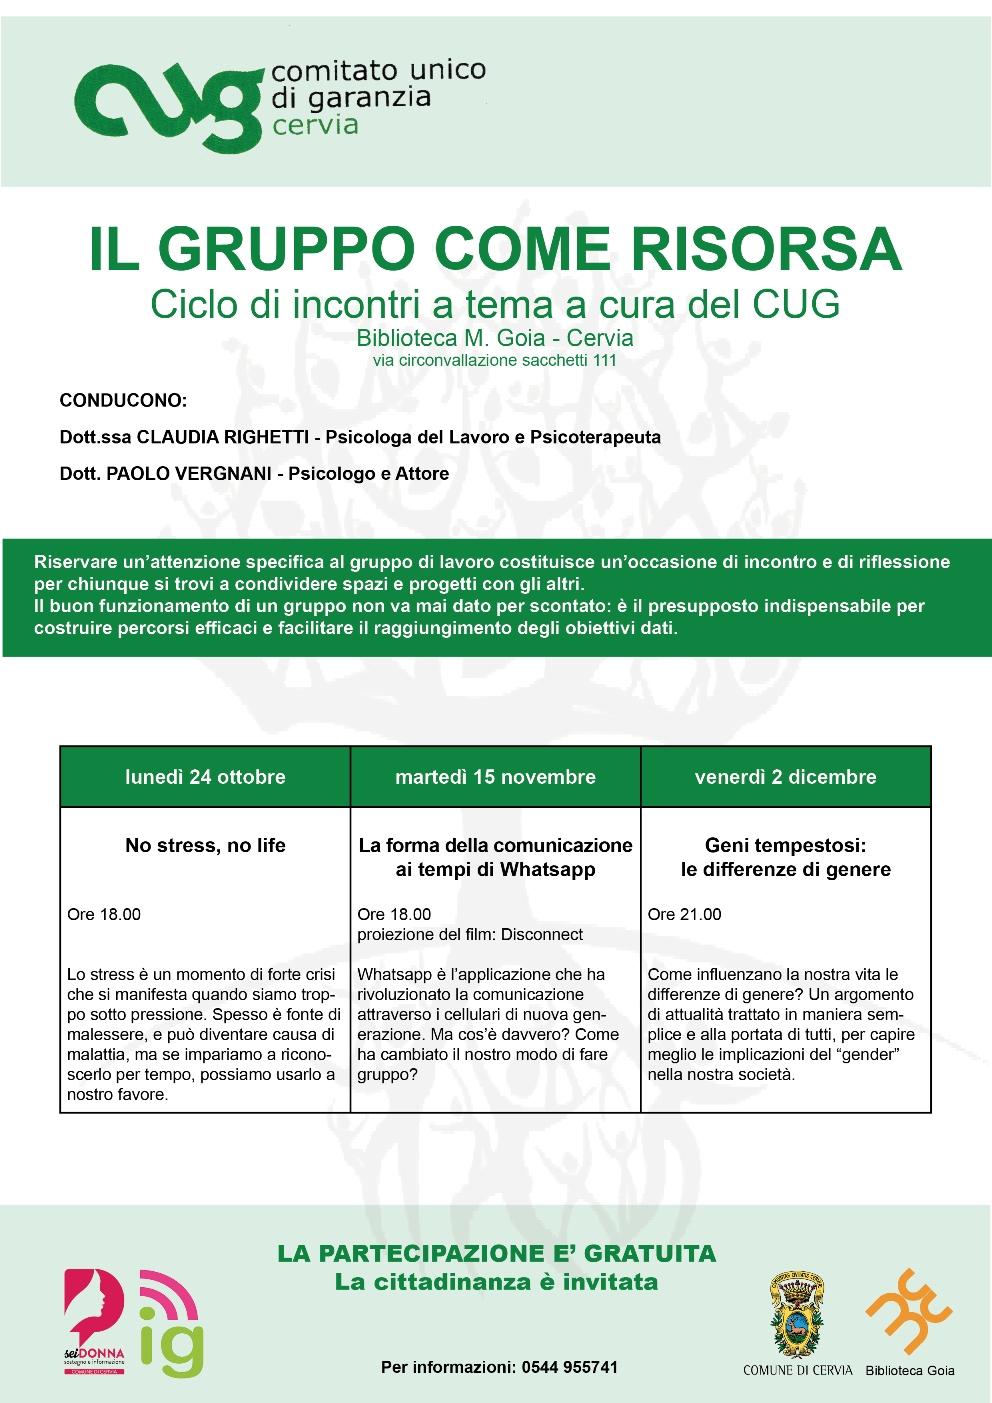 programma generale incontri comitato unico di garanzia